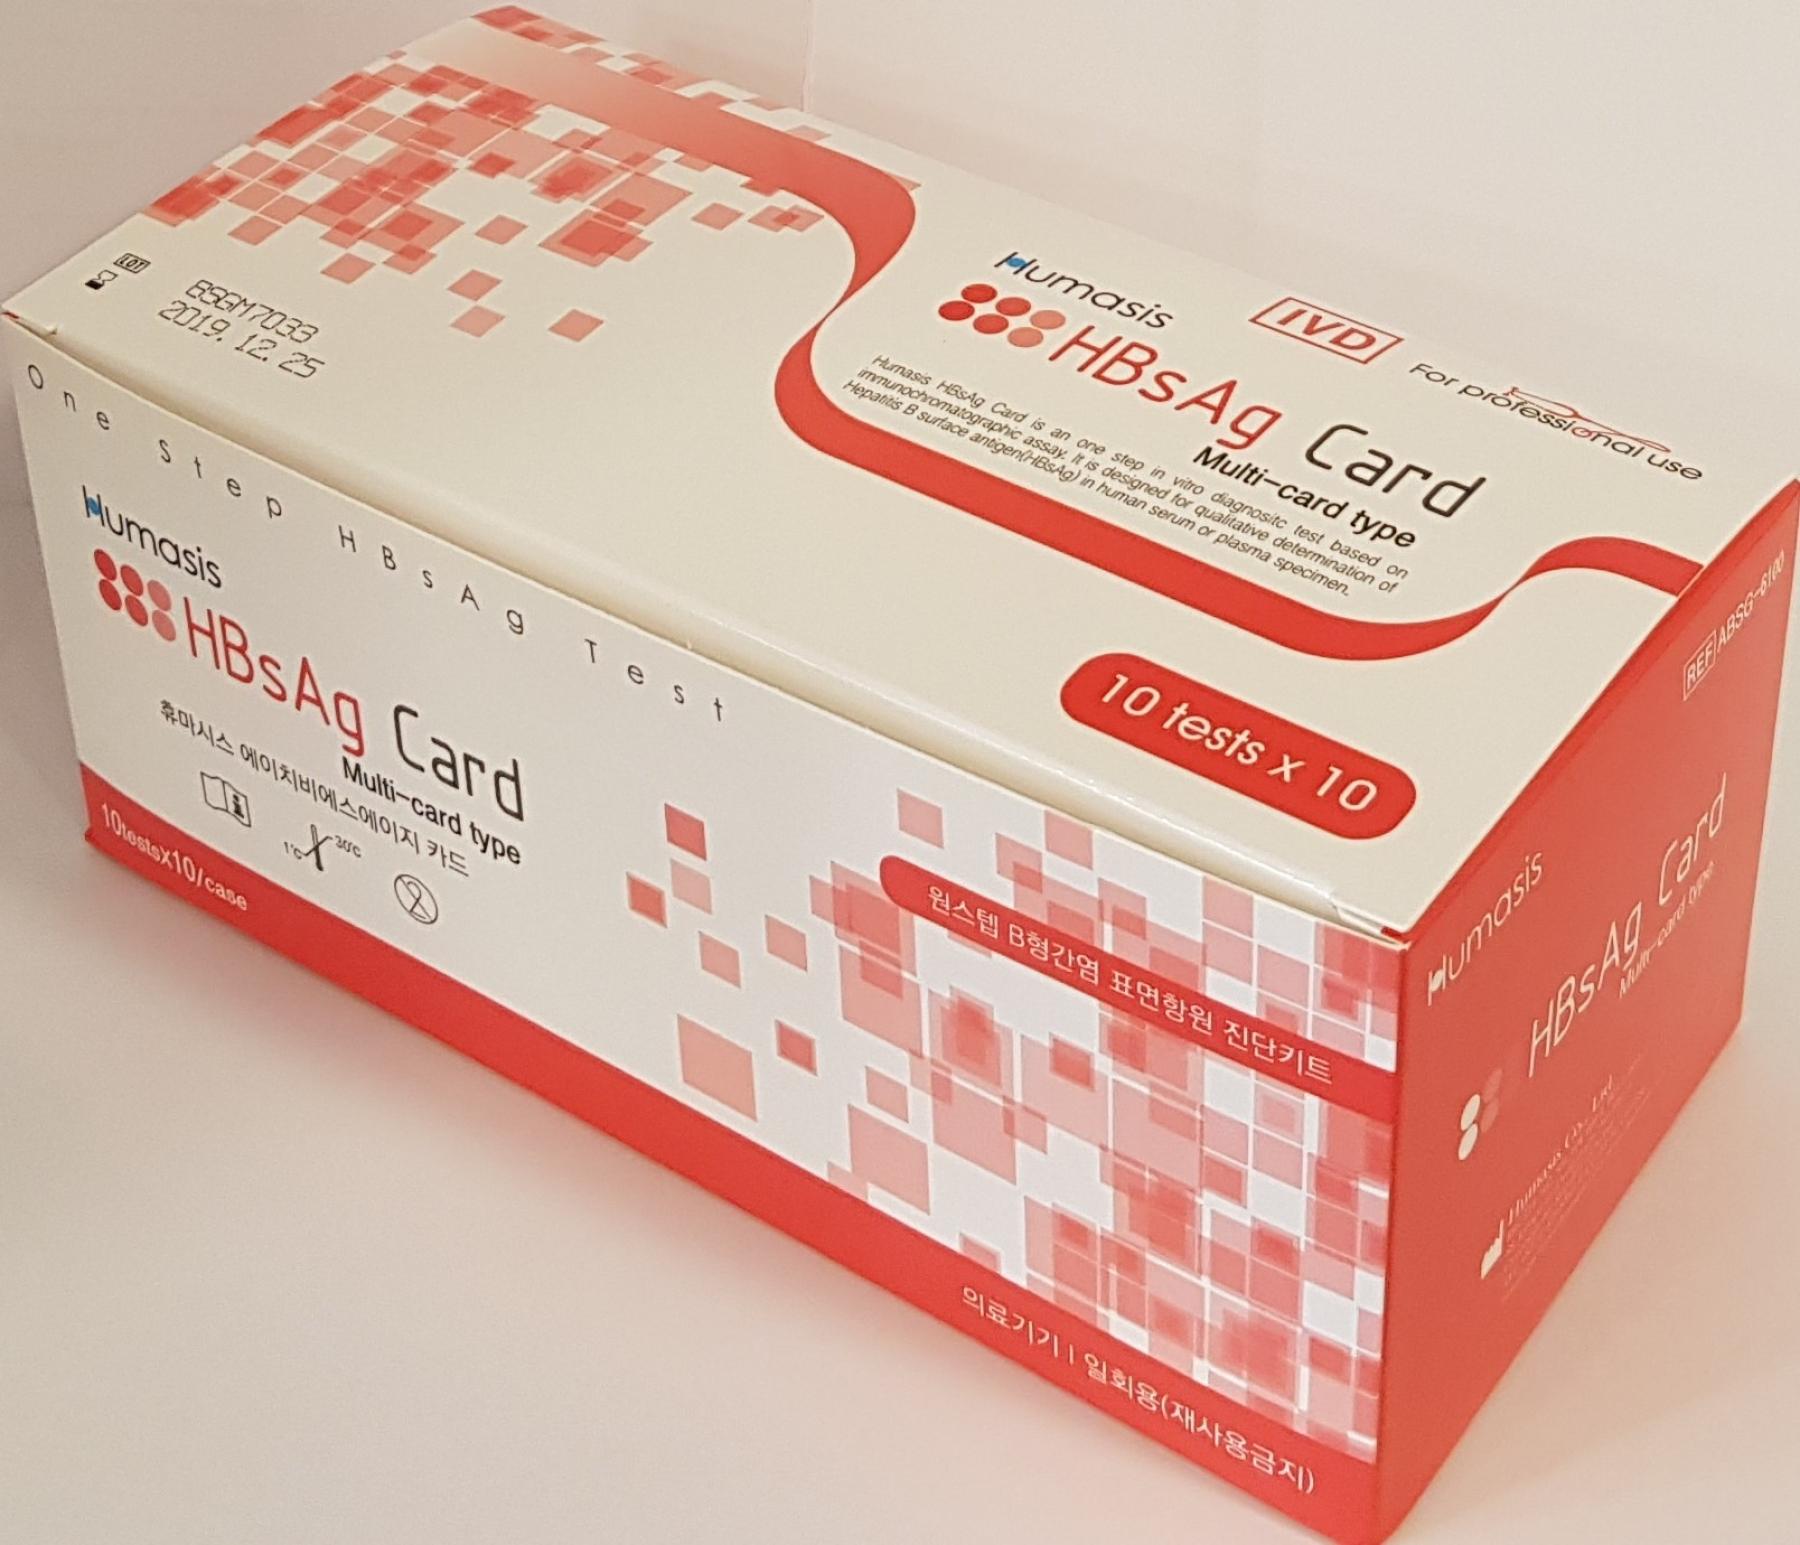 Humasis-HBsAg Card